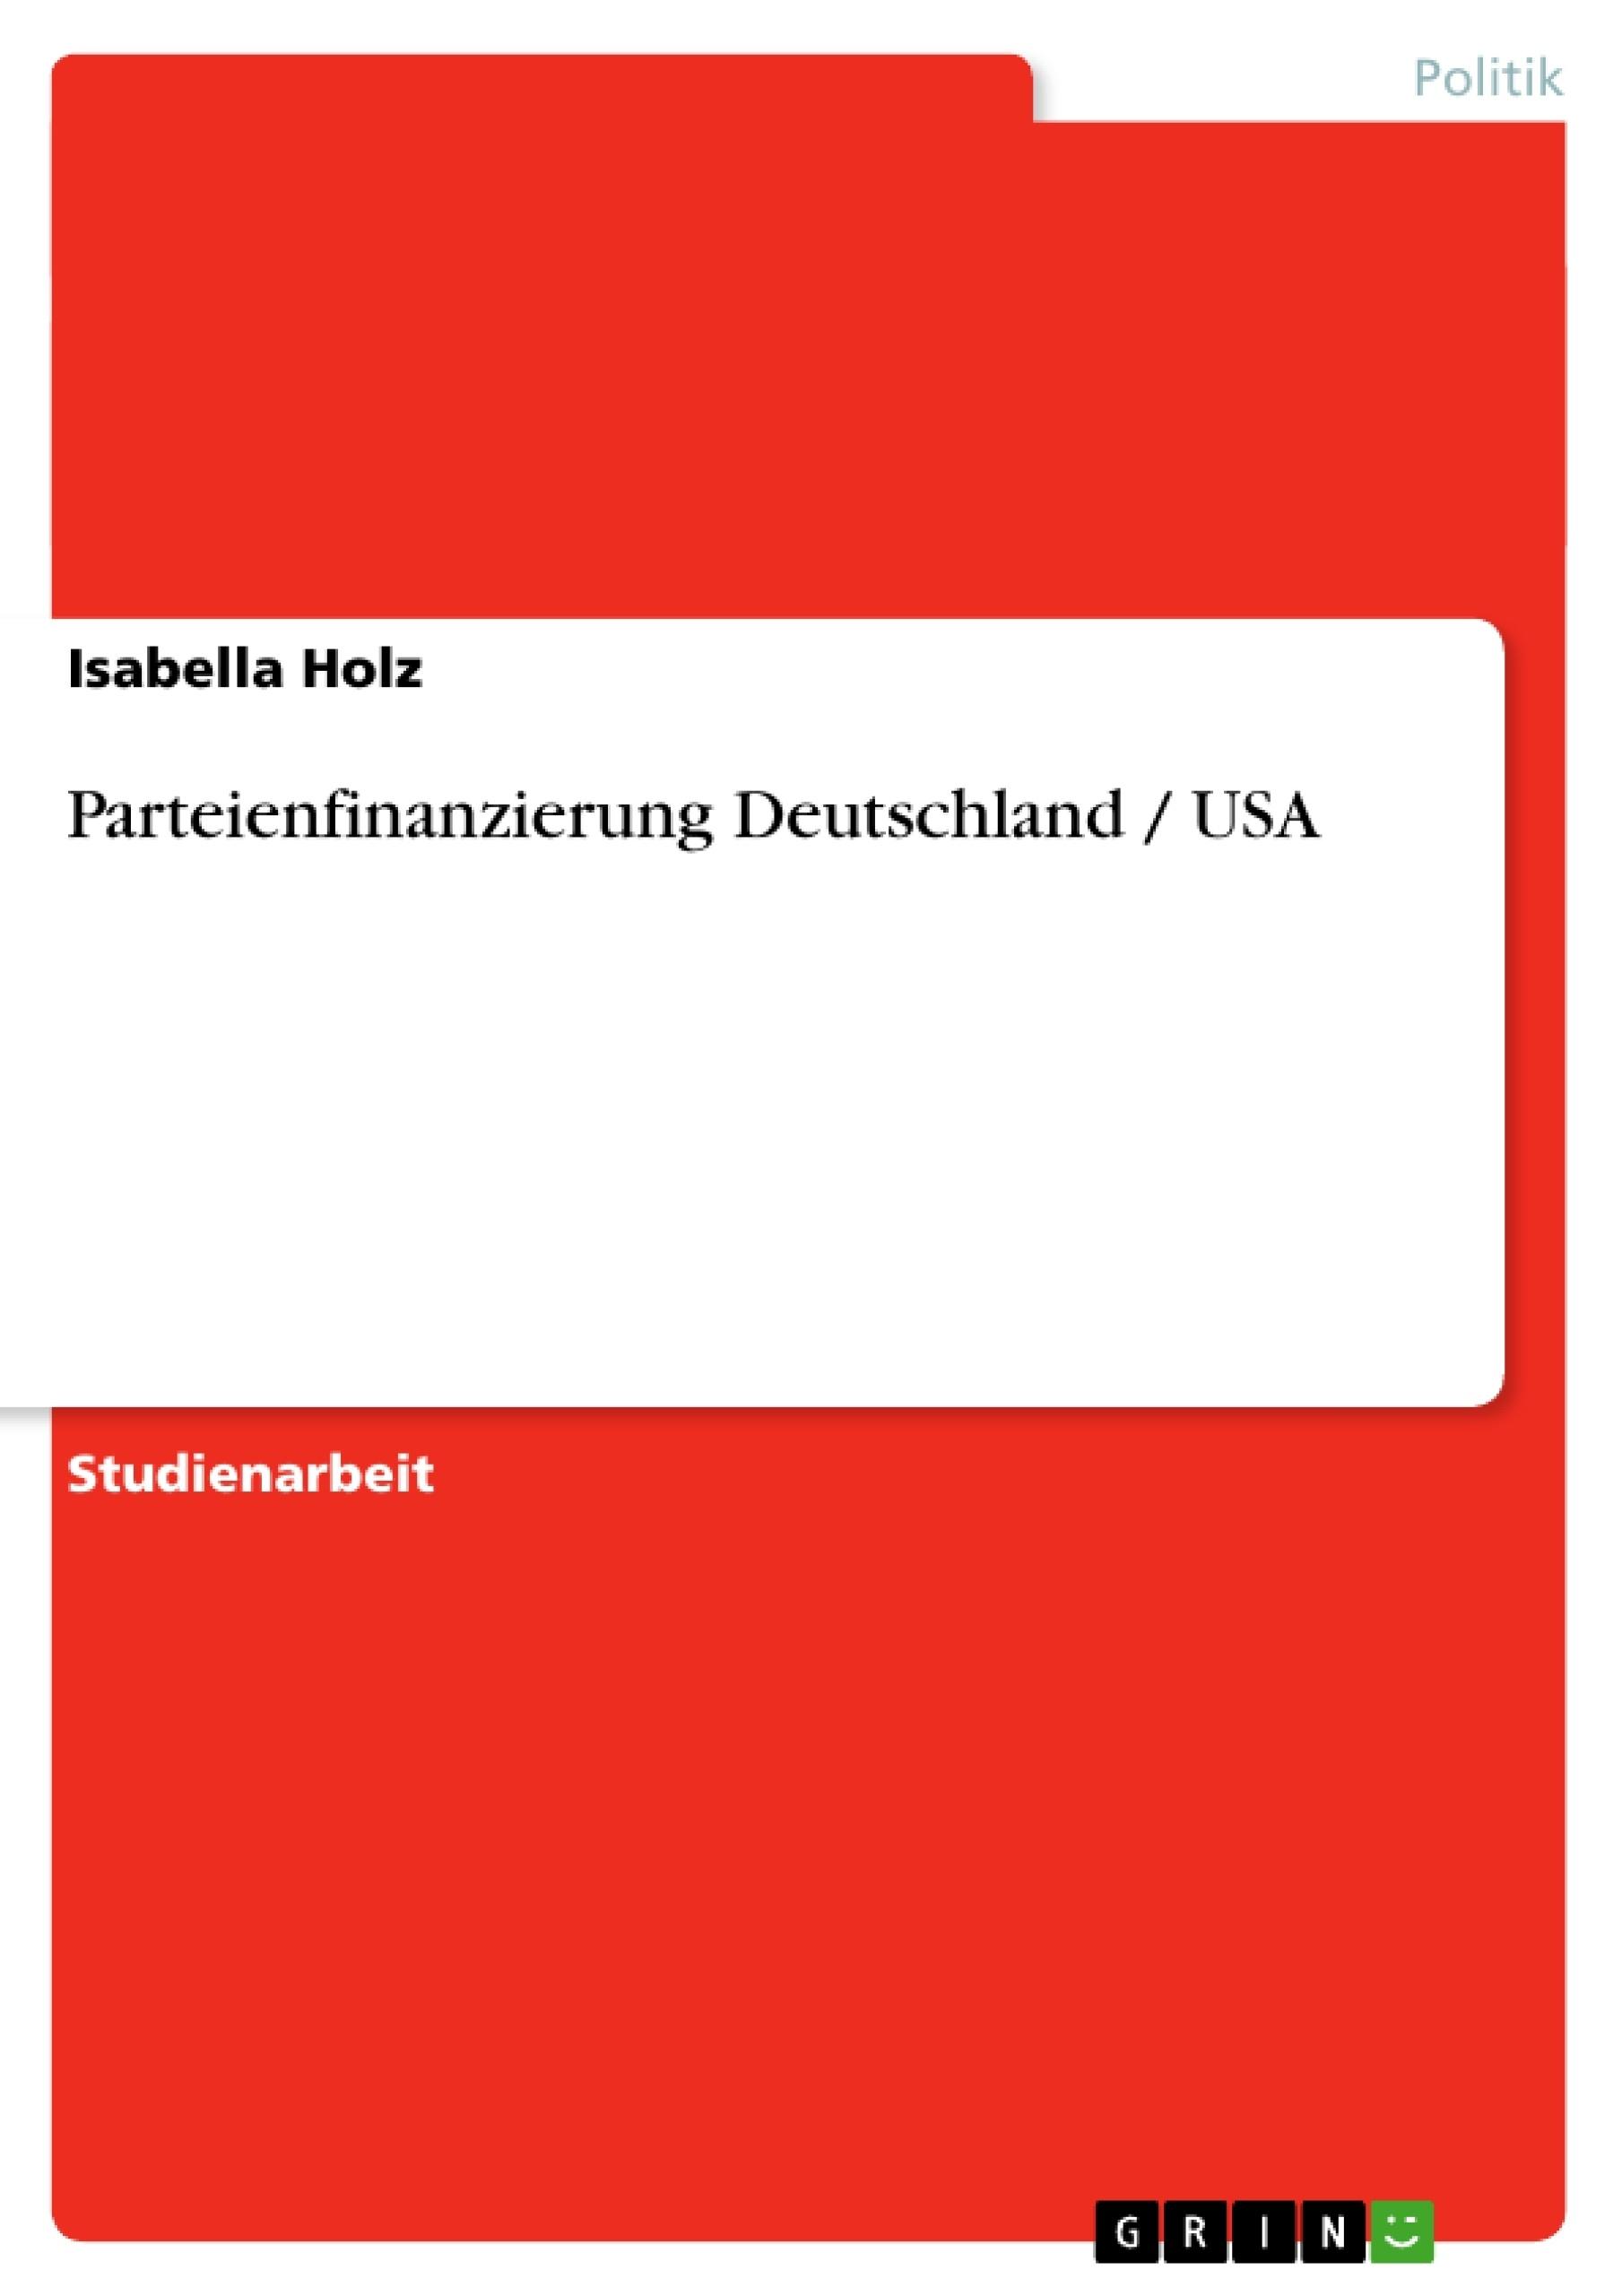 Titel: Parteienfinanzierung Deutschland / USA